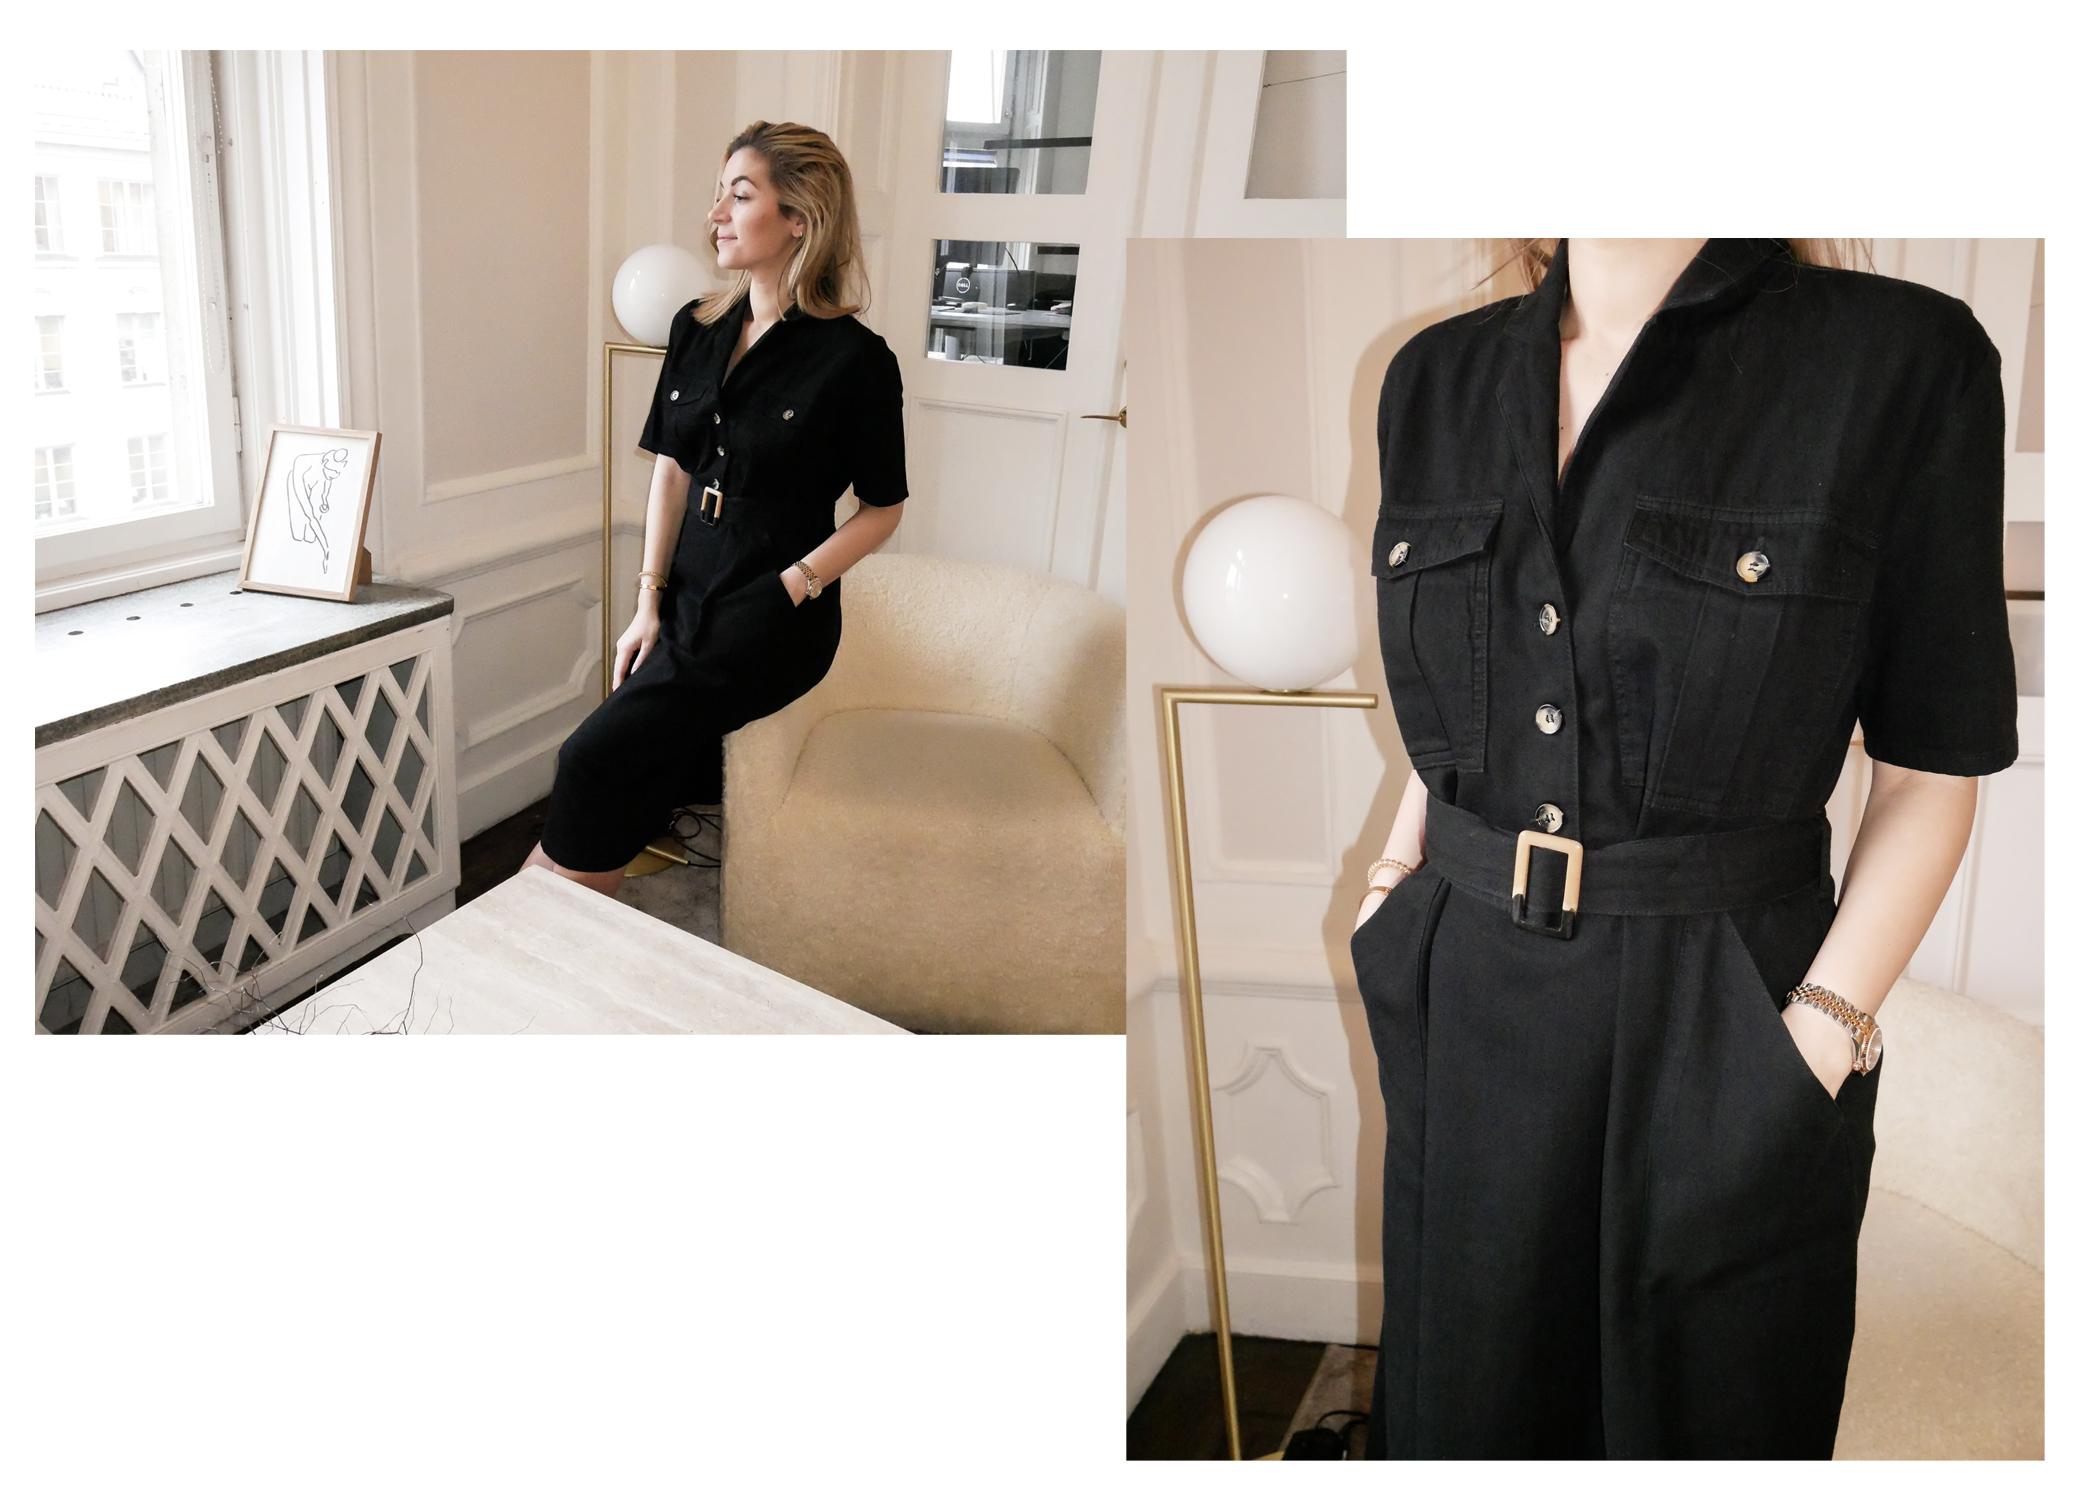 Först ut är den här (klick!) svarta klänningen med detaljer. Sjukt skön och  jag tänkte att jag kan styla den på två sätt när det fortfarande är kallt   ... 3b01043e0aaed